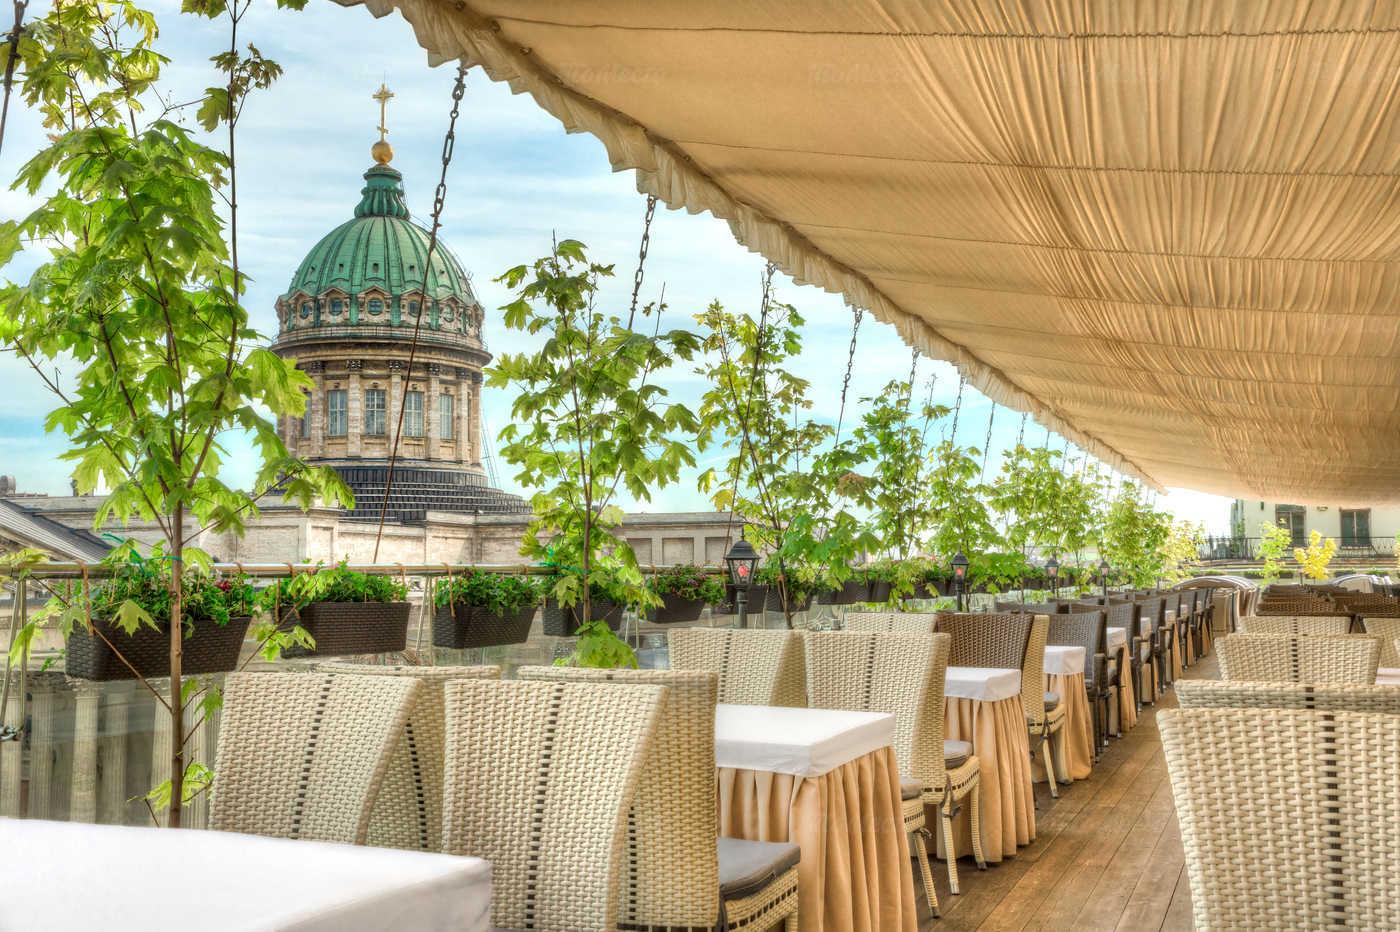 Рестораны Санкт-Петербурга которые стоит посетить